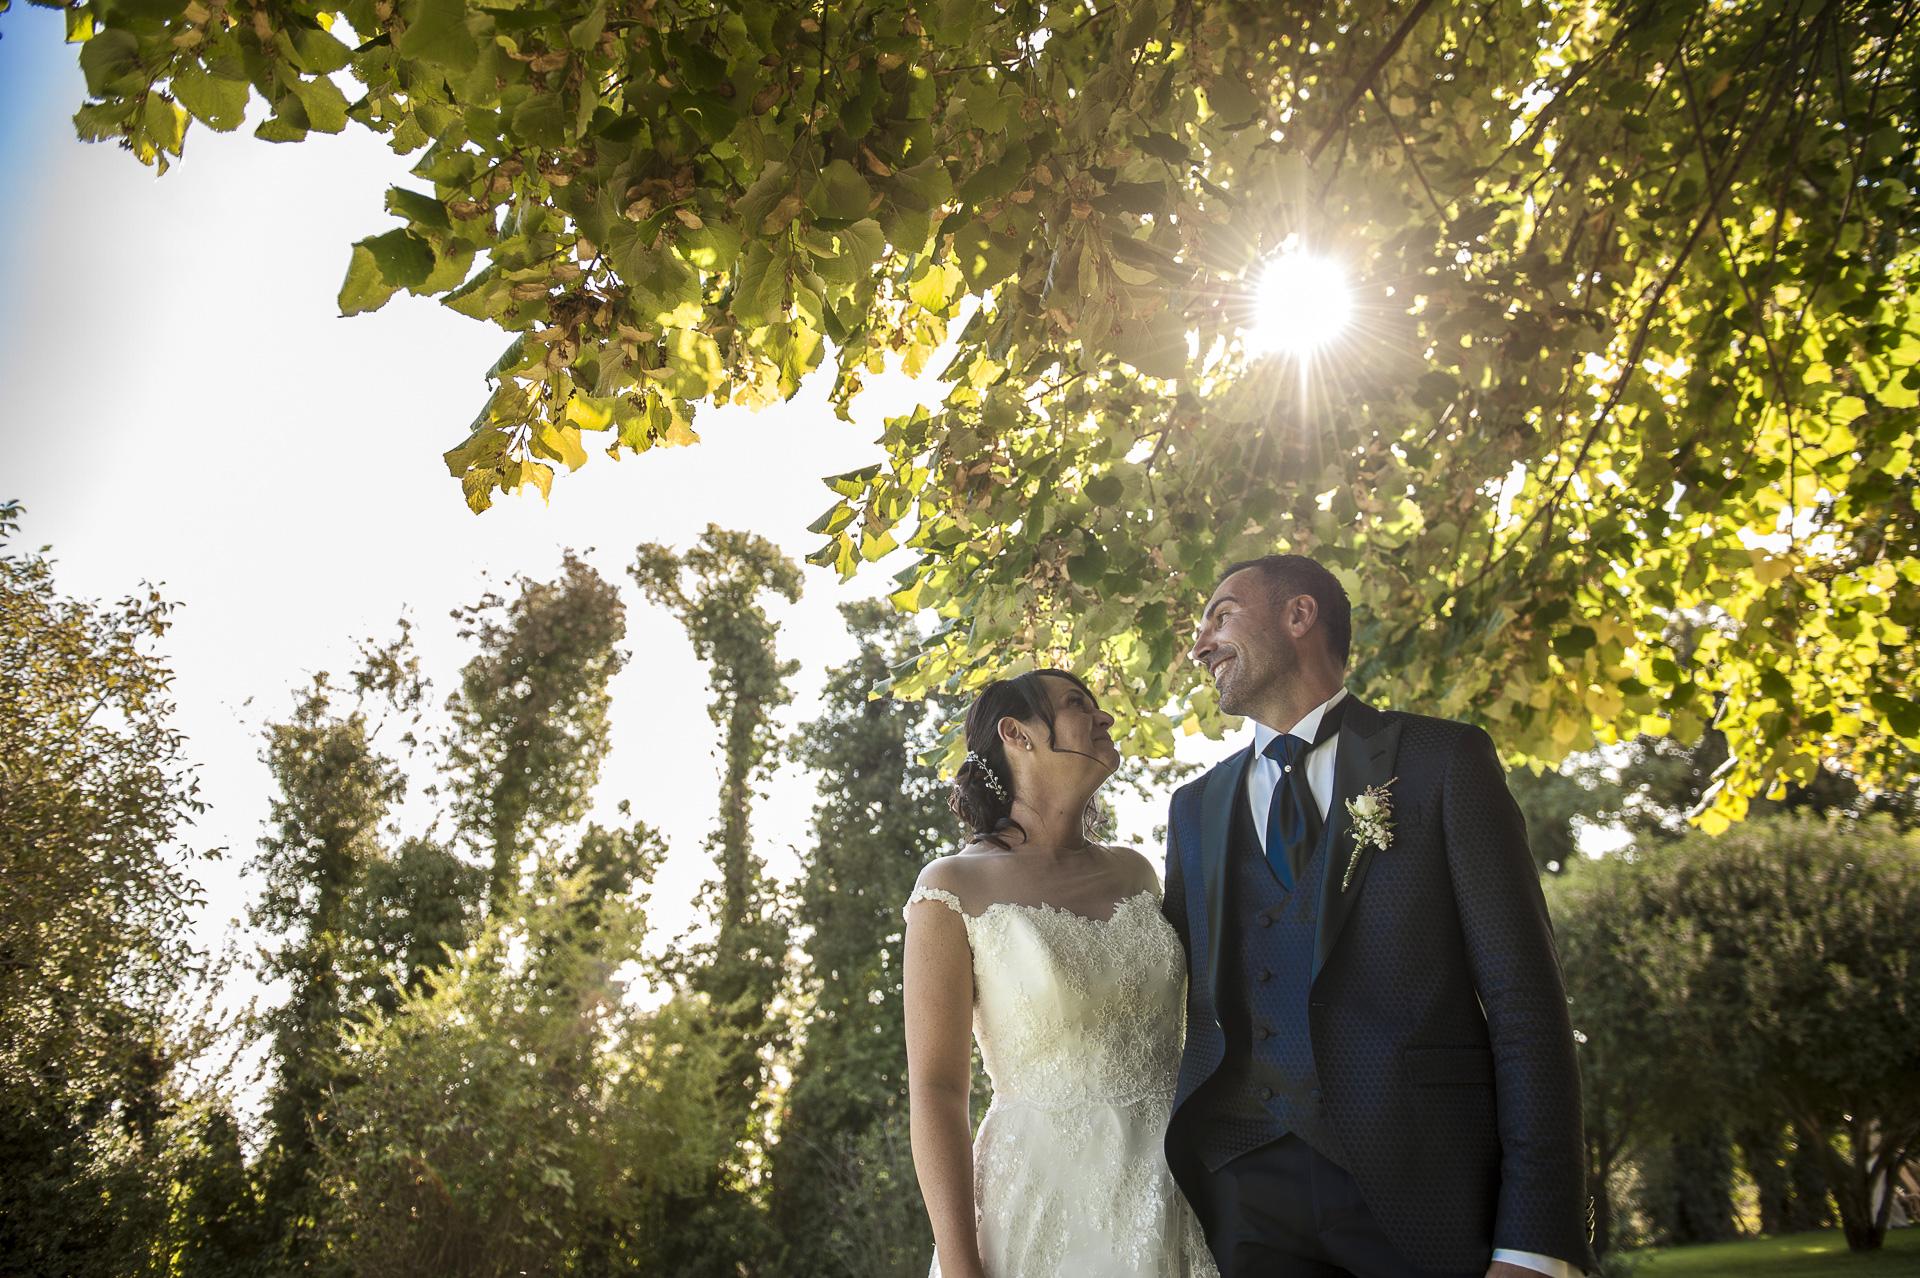 Matrimonio Federica & Andrea a Villa Mirandola, Gazzo Veronese (VR) - L'Uomo Griffe Boutique